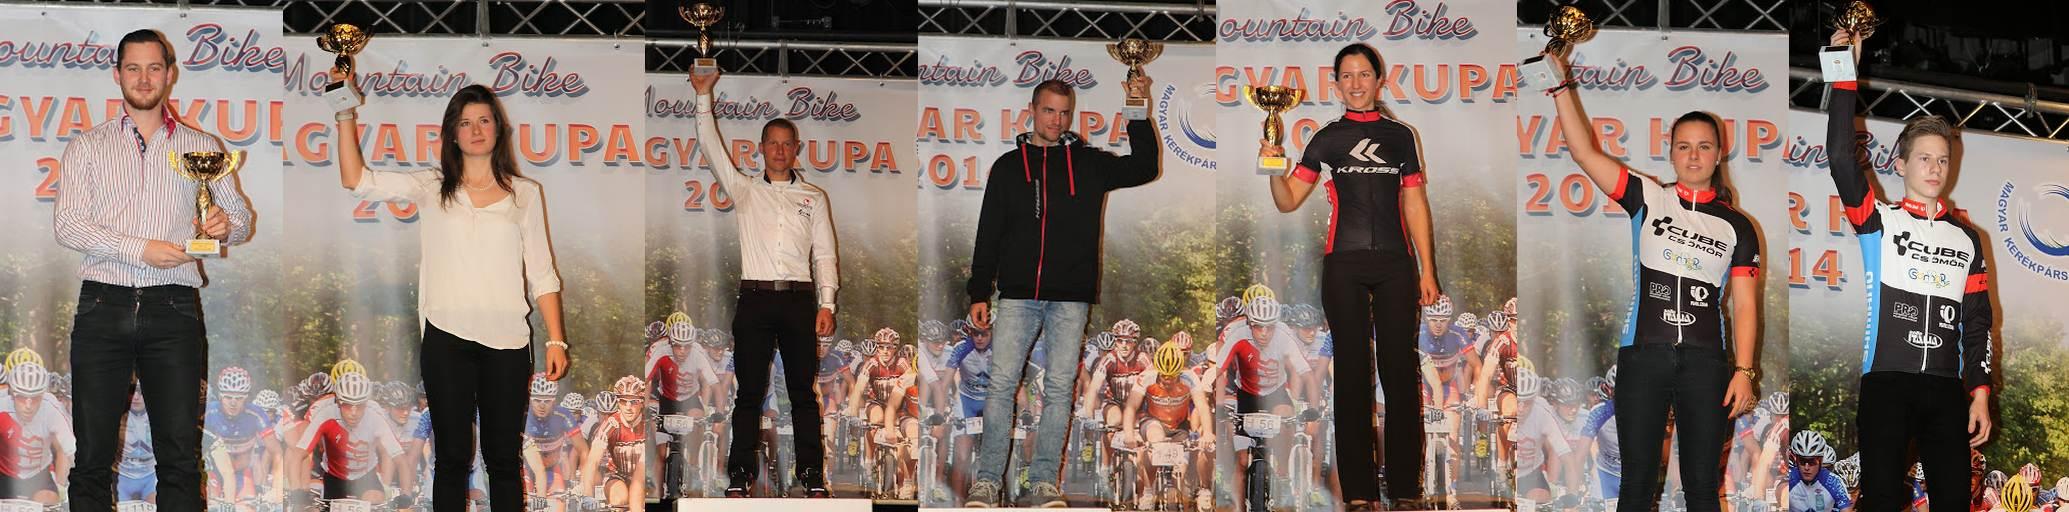 Az év mountain bike sportolói: Hegedűs László, Benkó Barbara, Parti András, Dósa Eszter, Blazsó Márton, Megyaszai Lilla, Kádi Tamás (Fotó: Rozgonyi Sándor)